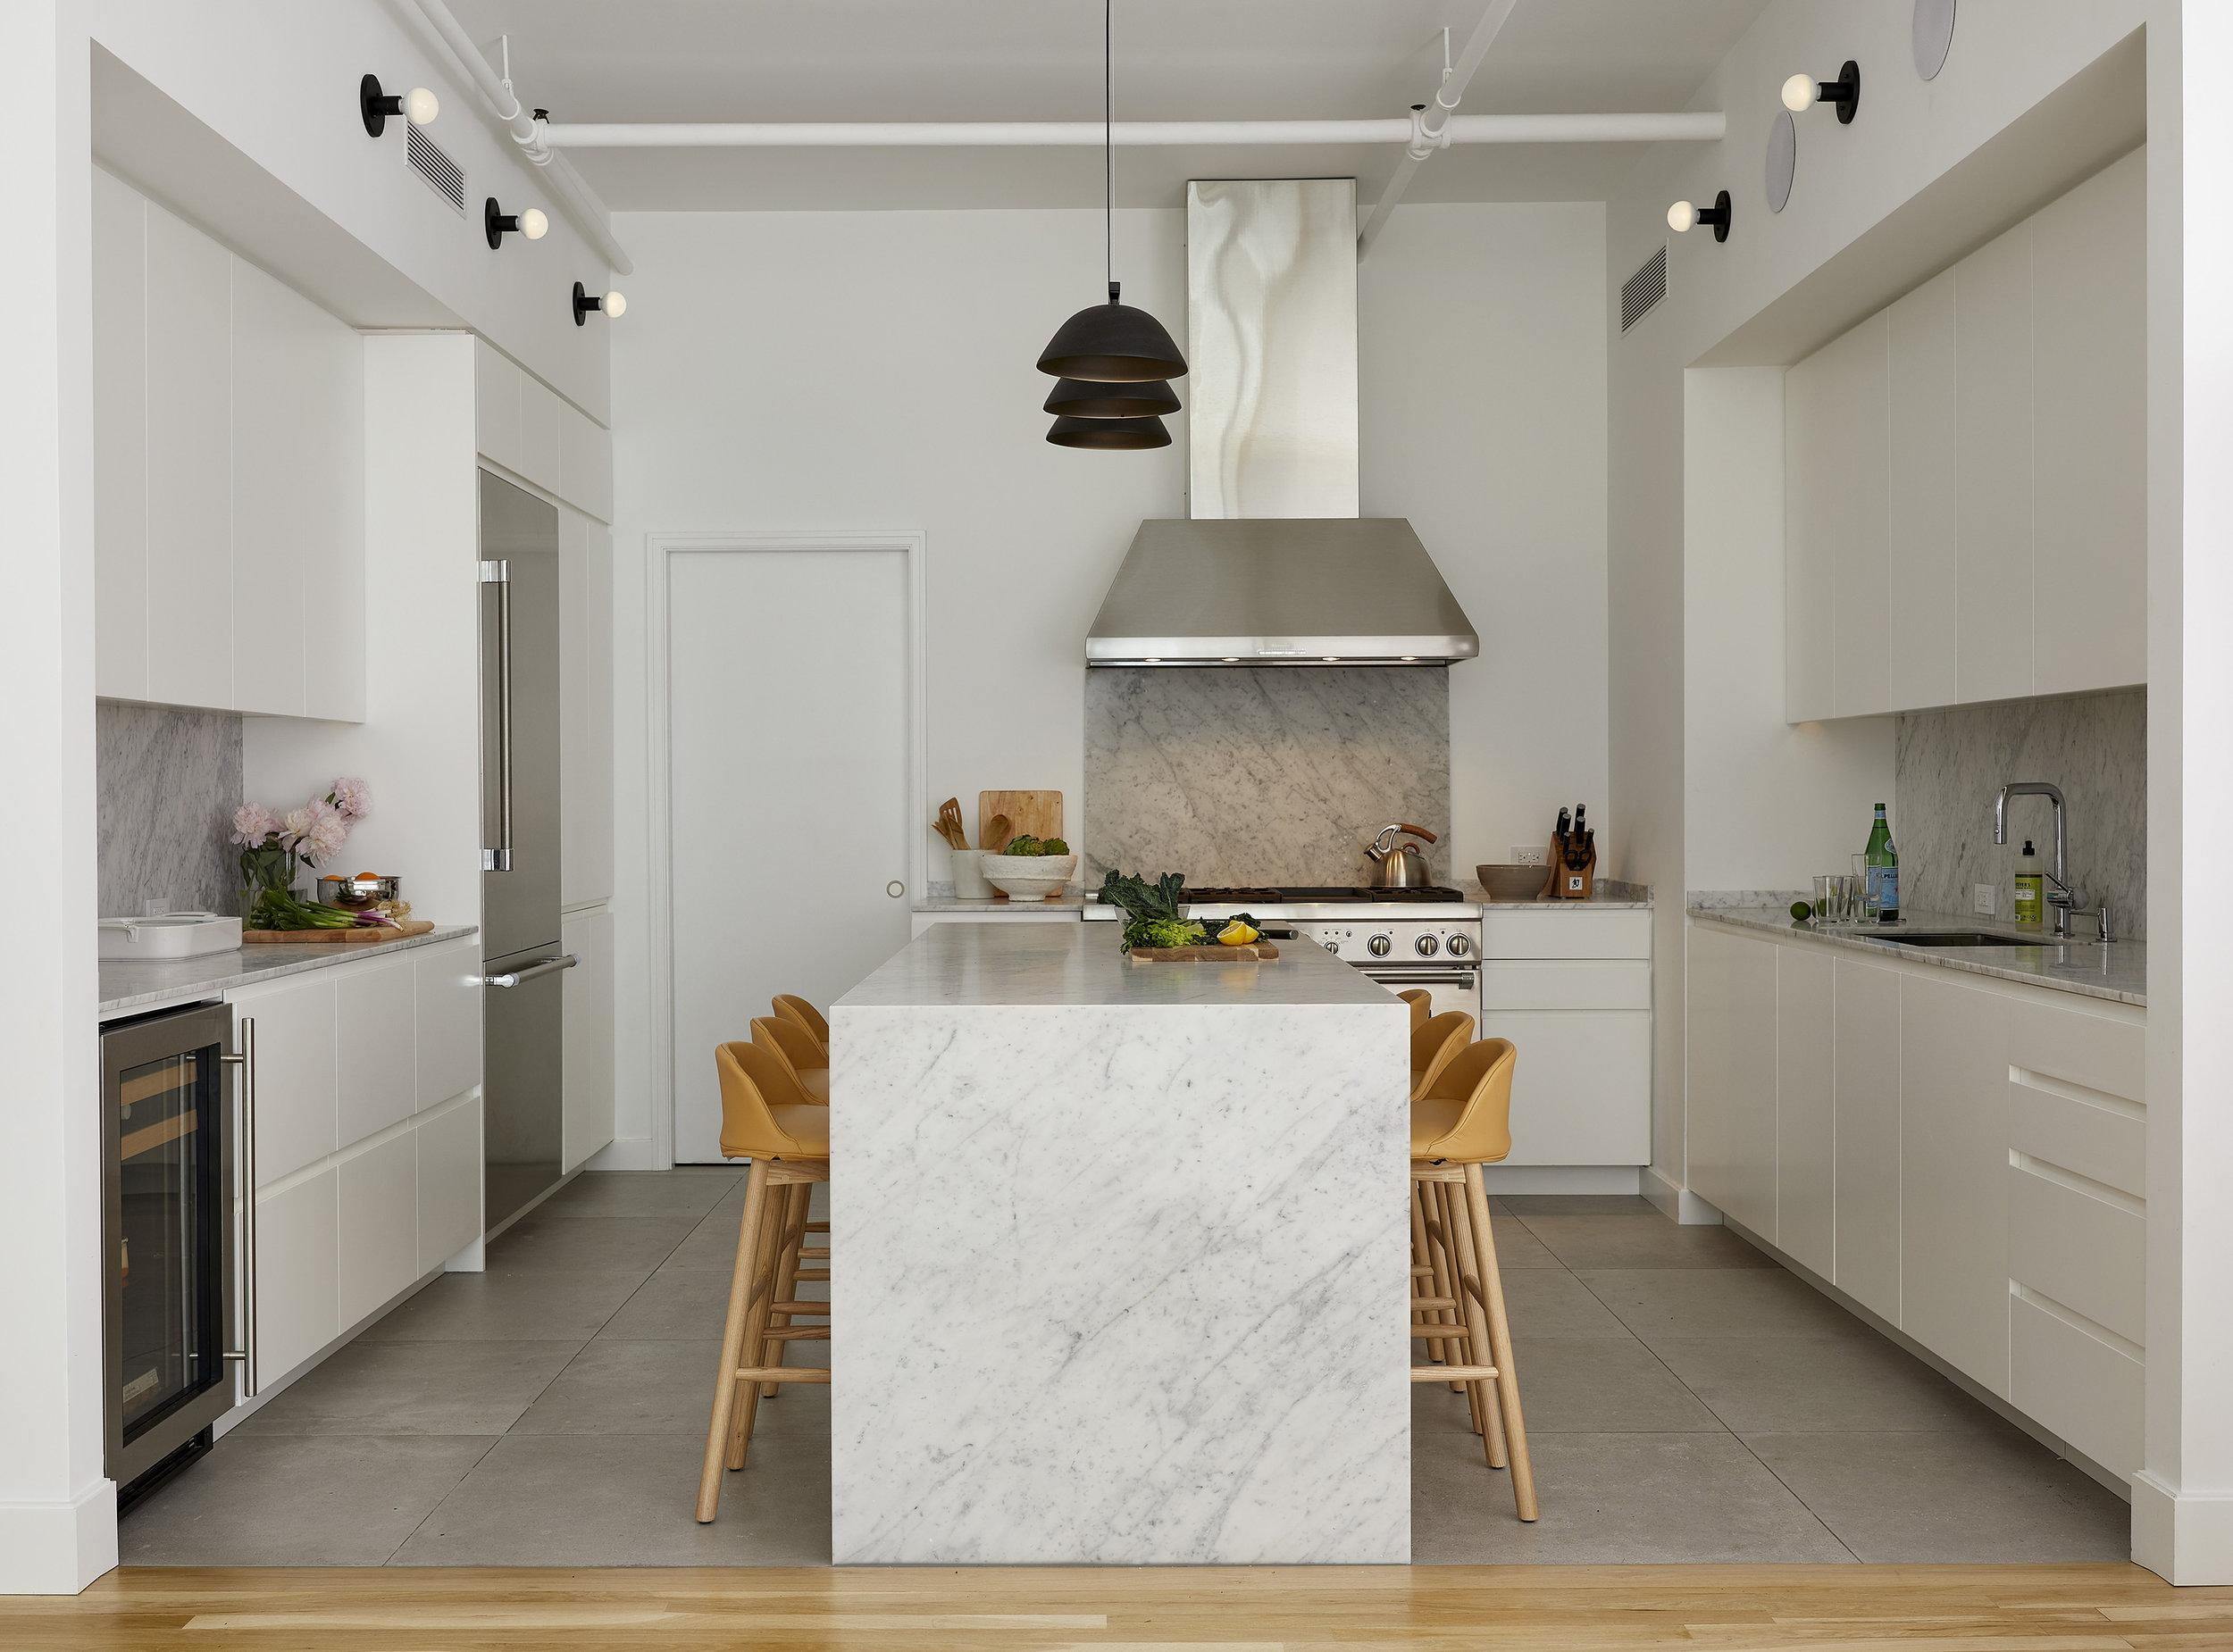 Shadow_Arch Nomad Loft Kitchen1.jpg